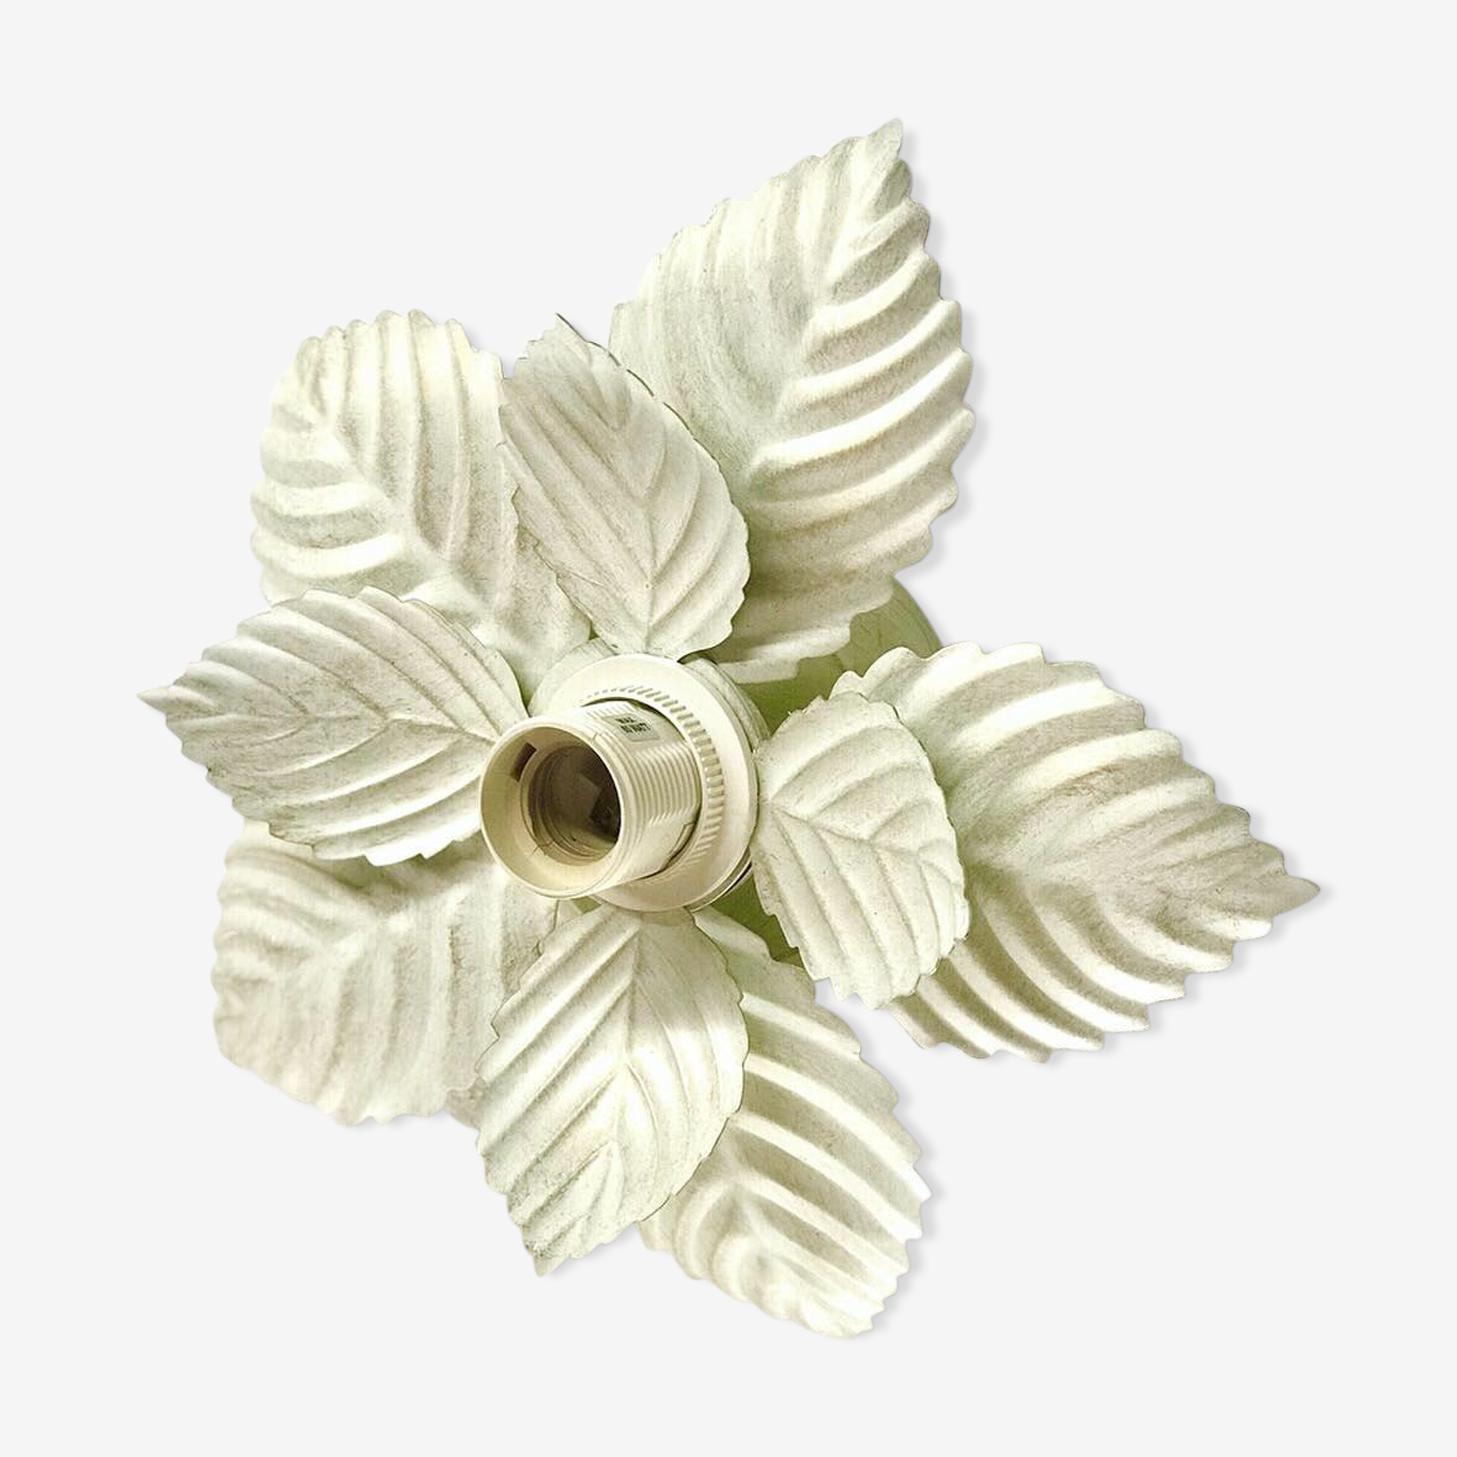 Applique fleur blanche patine dorée